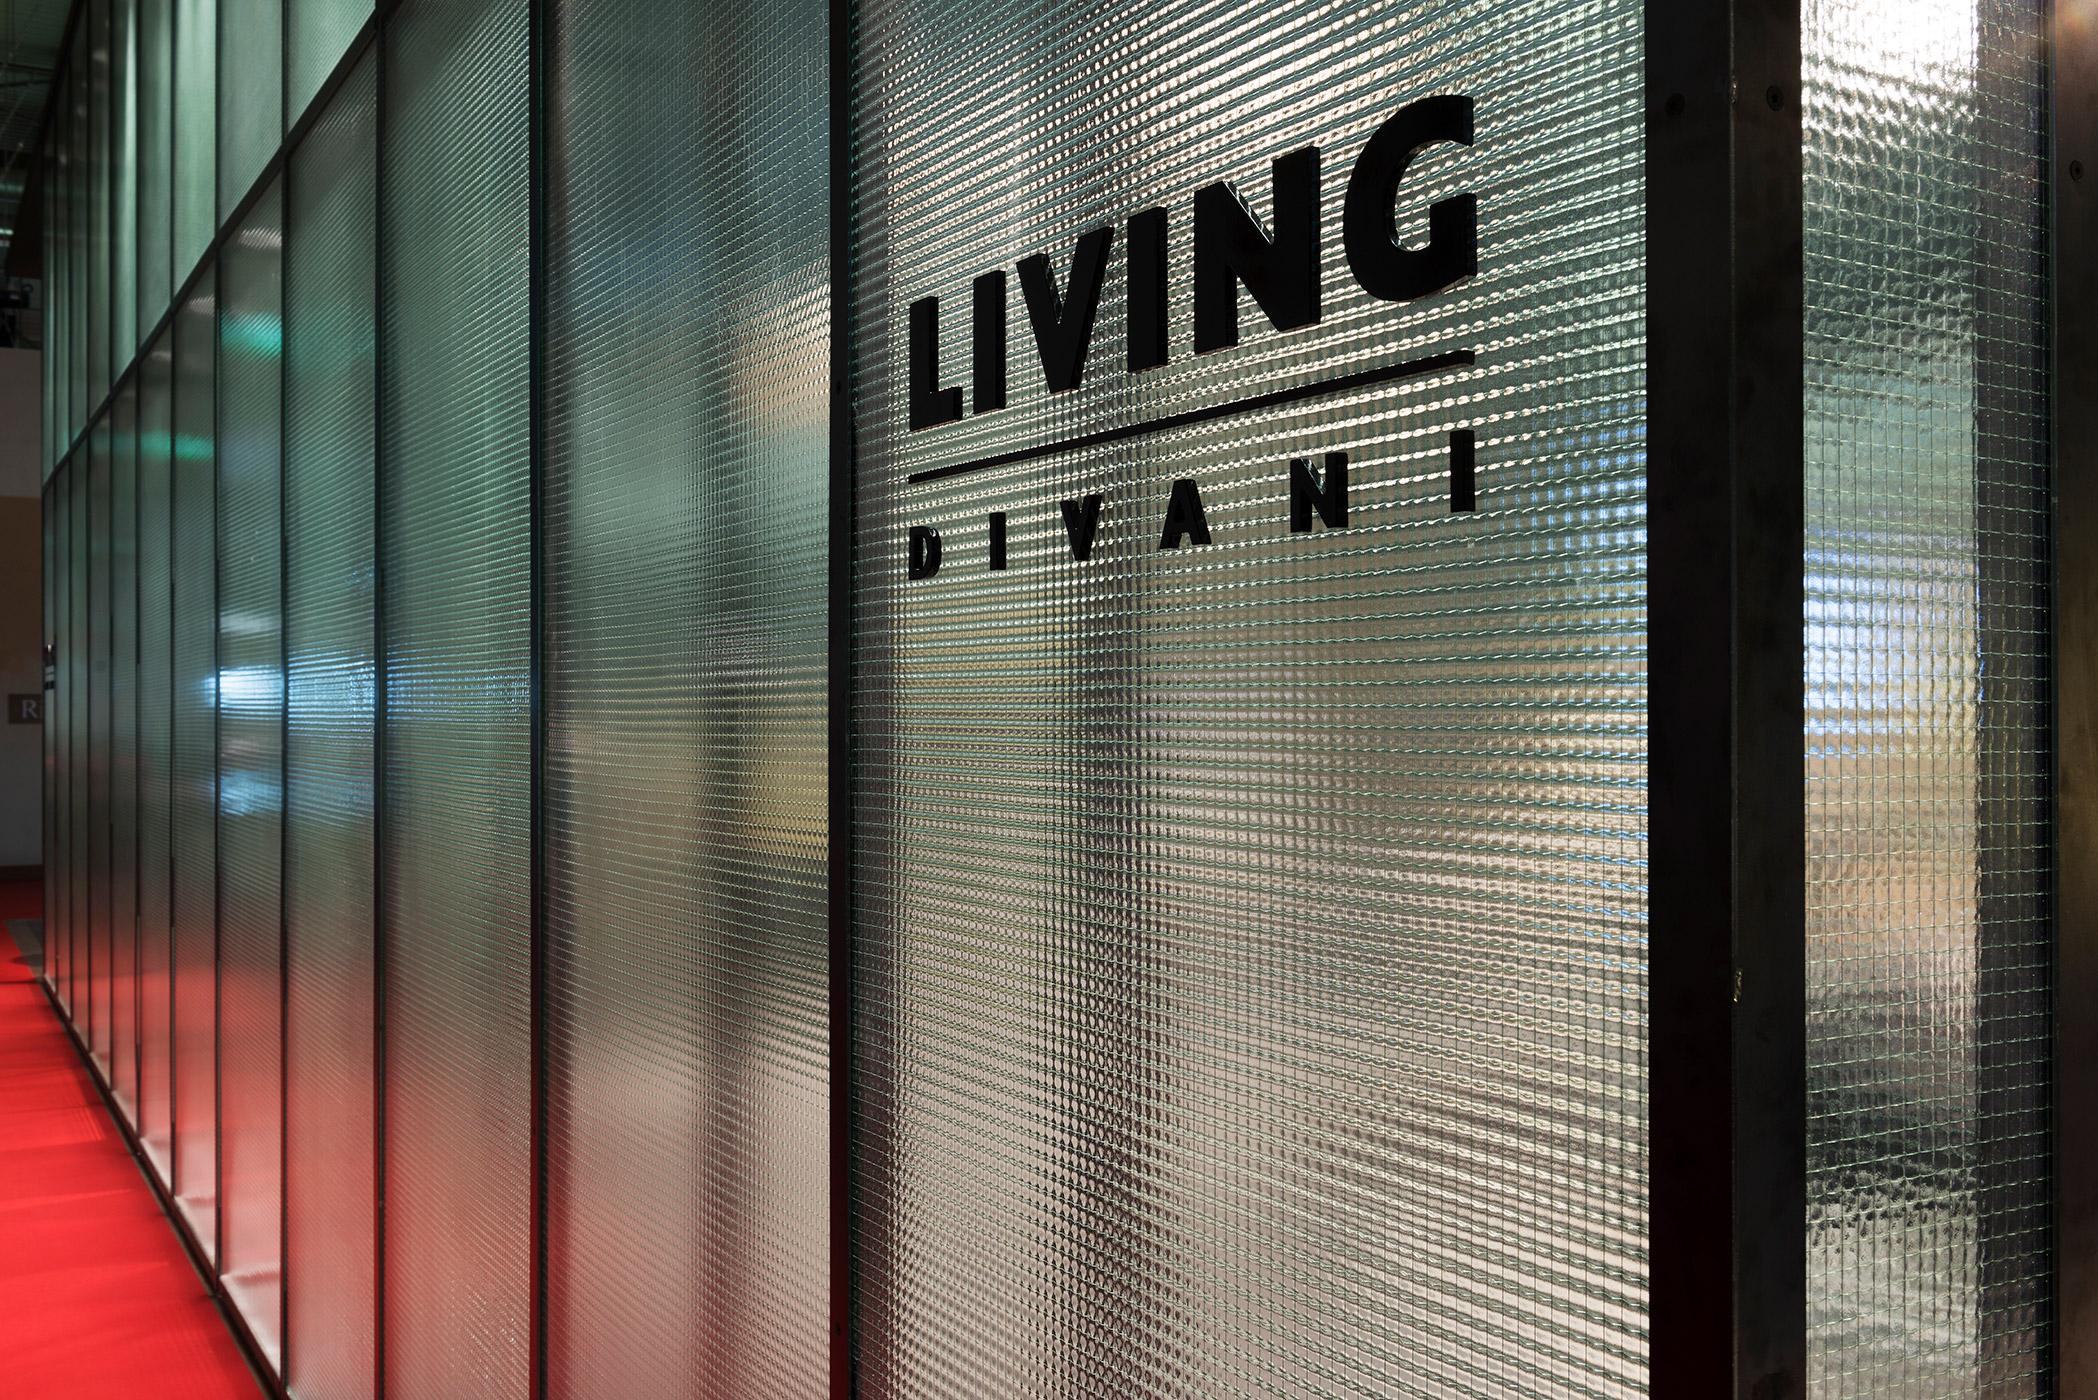 6-SOLO-VETRI-Living-Salone-Milano-2016-Veronica